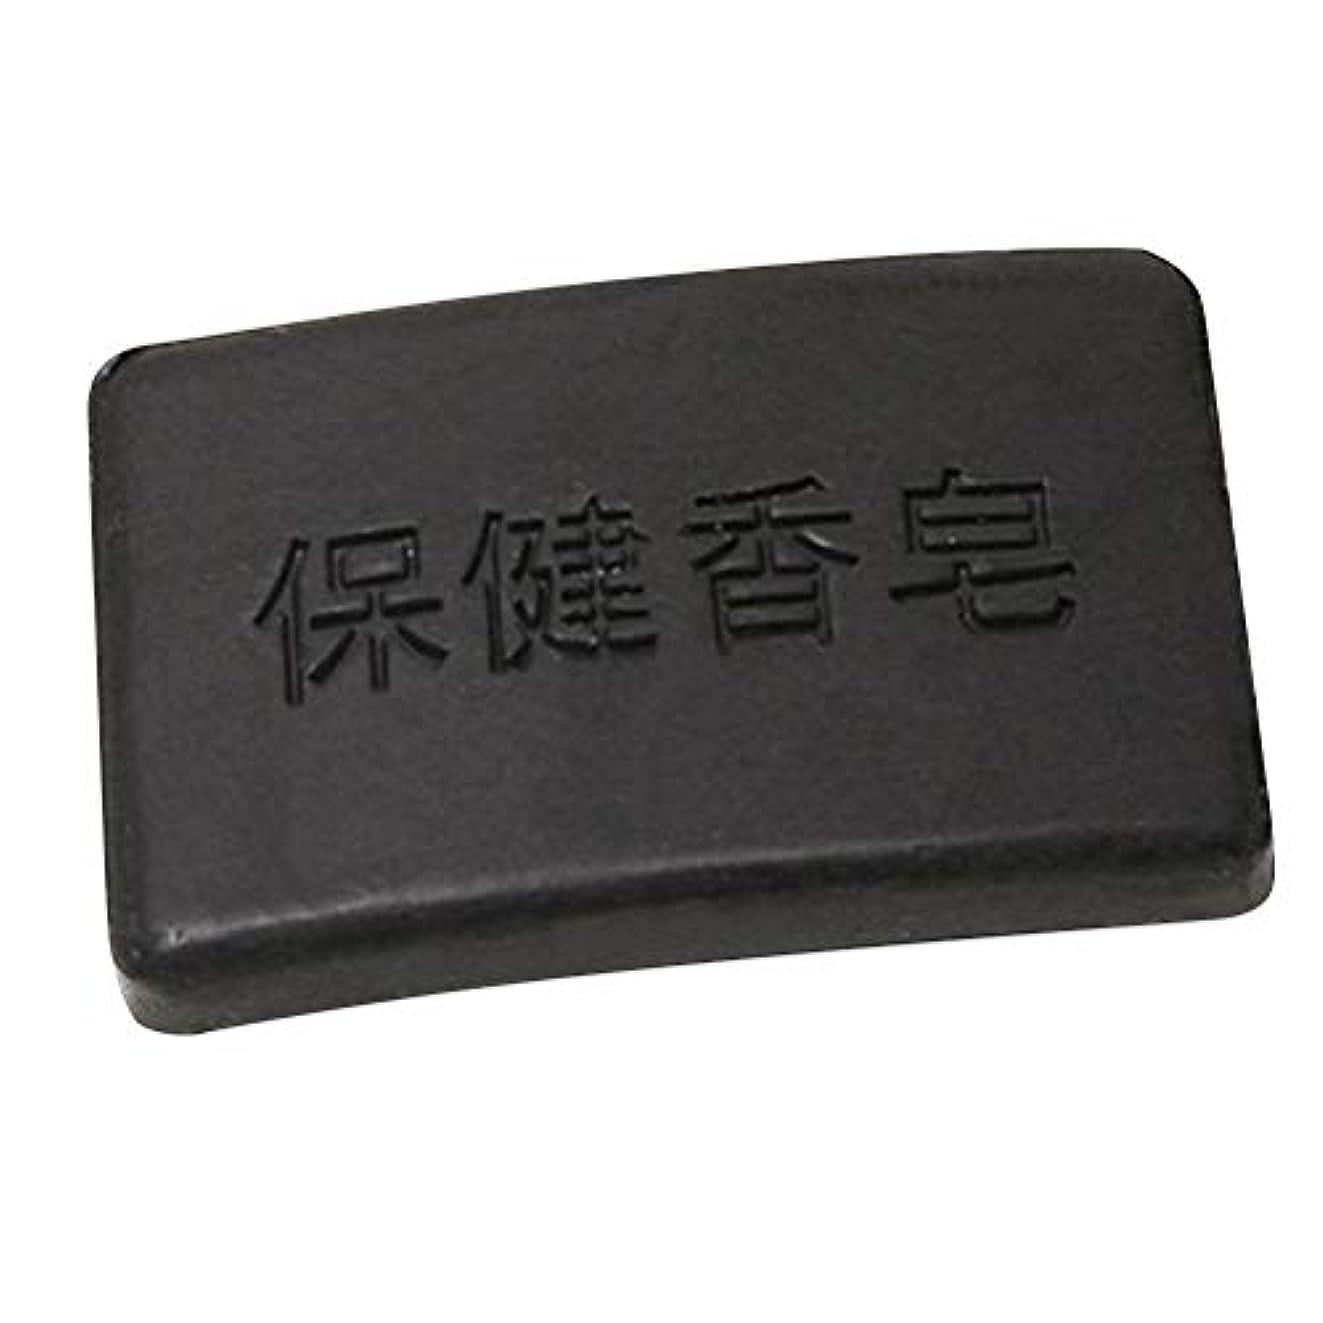 翻訳者海里パークSUPVOX 40グラムプロポリス竹炭石鹸クレンジング健康石鹸入浴石鹸